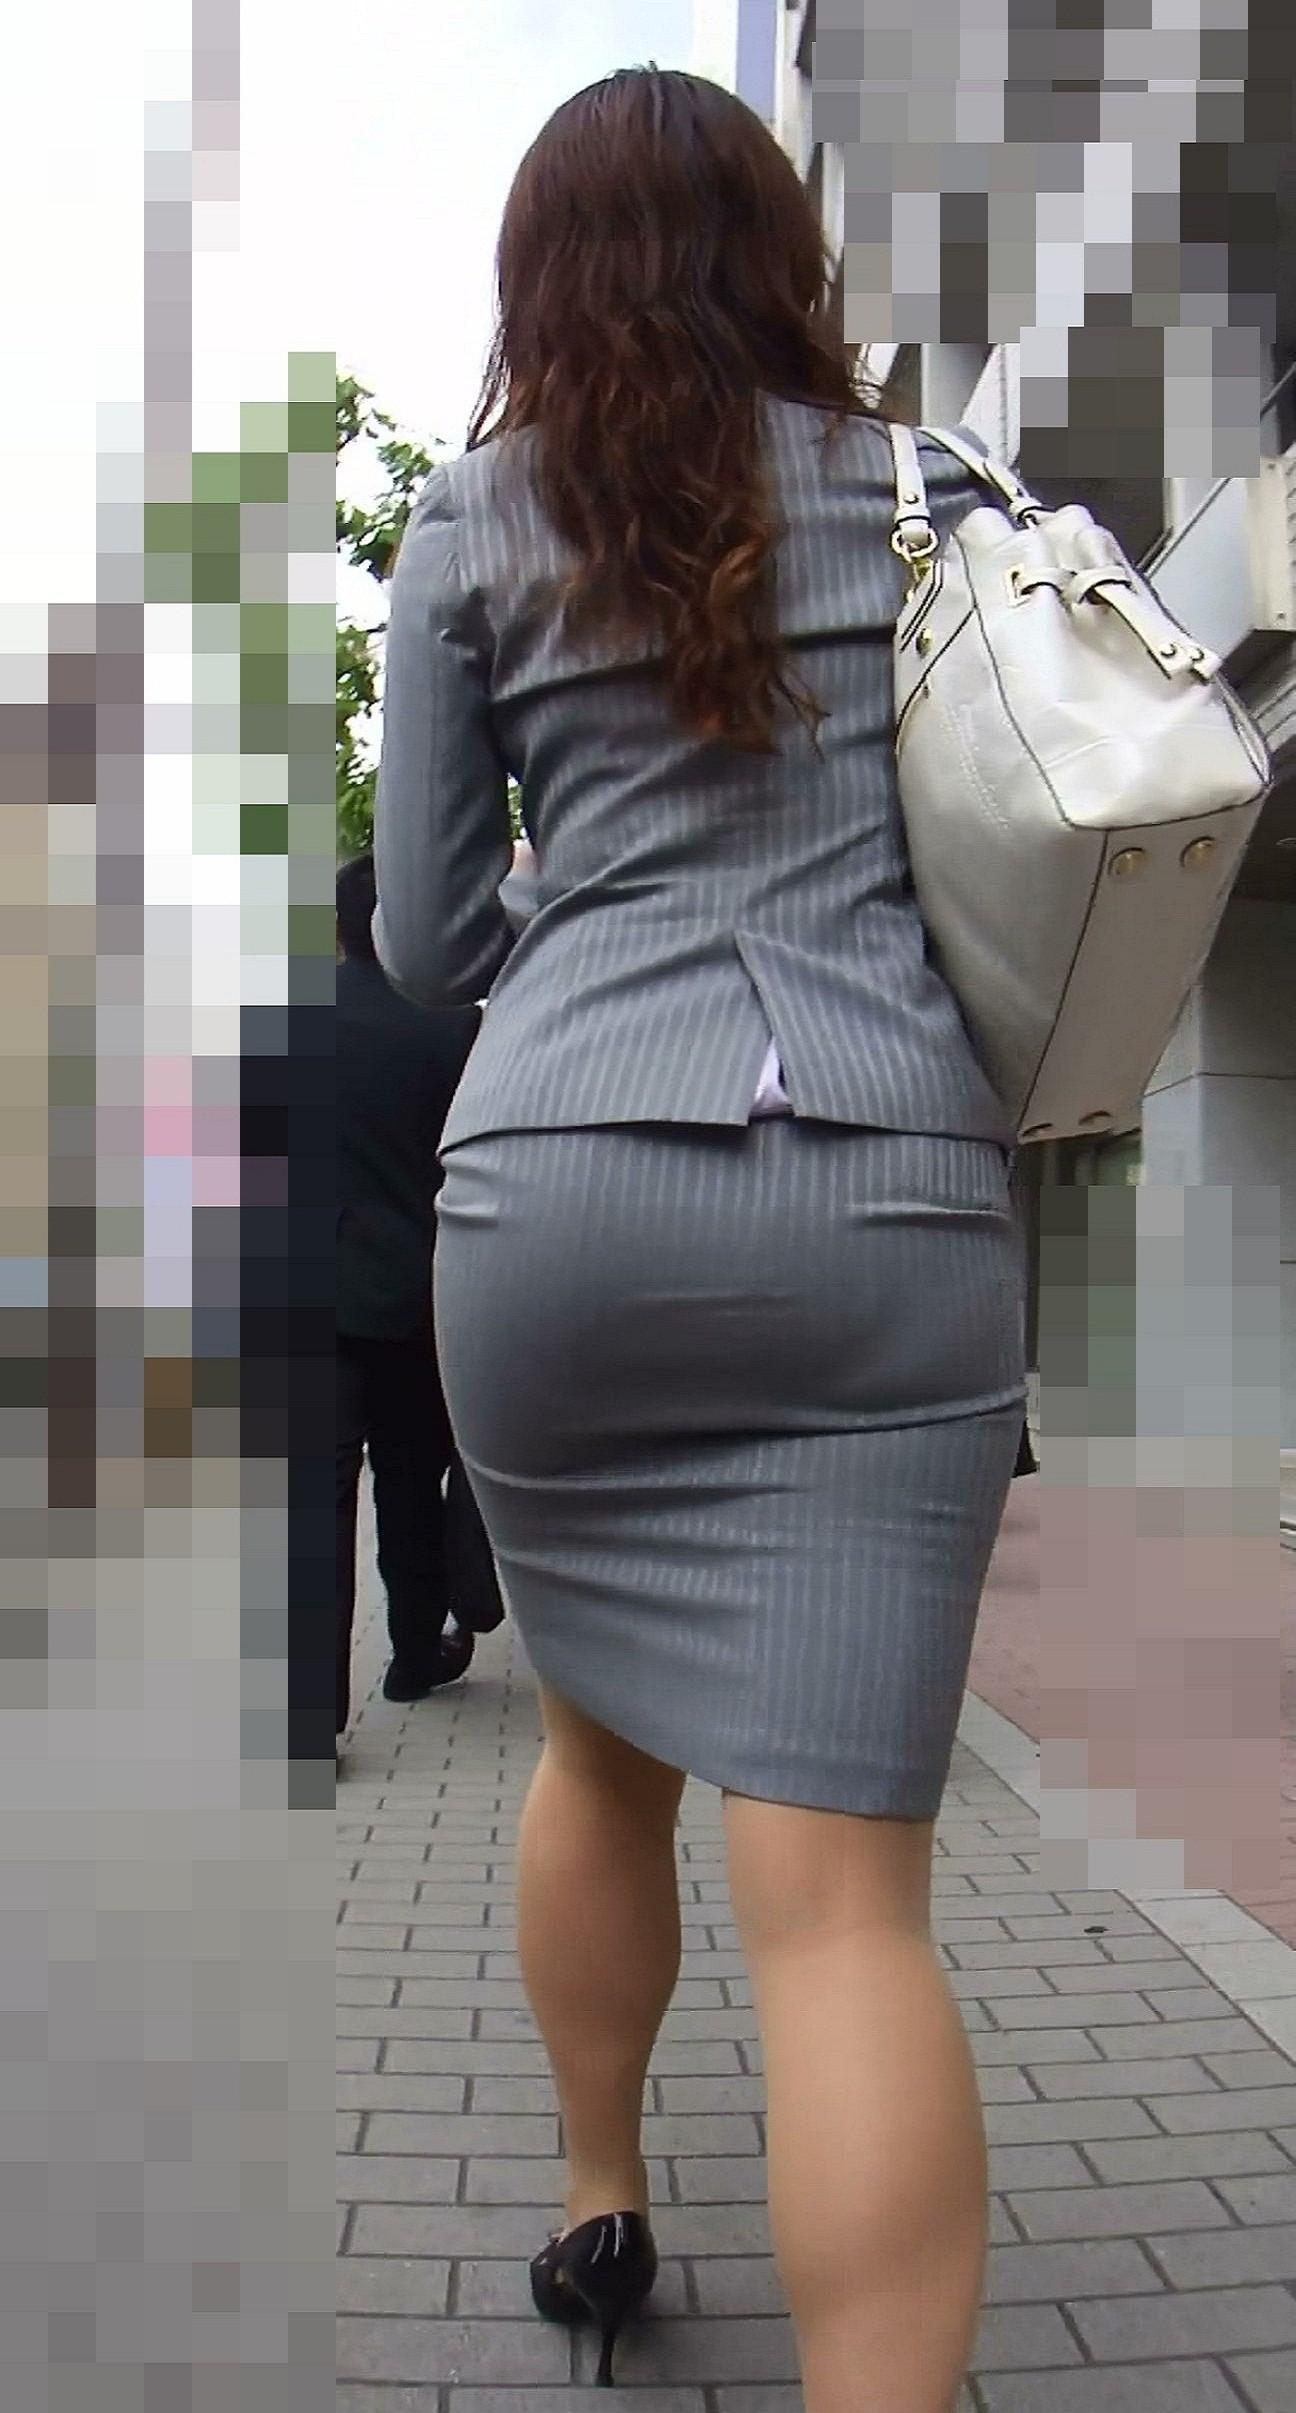 【街撮り画像】OL風お姉さんのムチムチタイトスカートとパンティーラインを追跡! 11